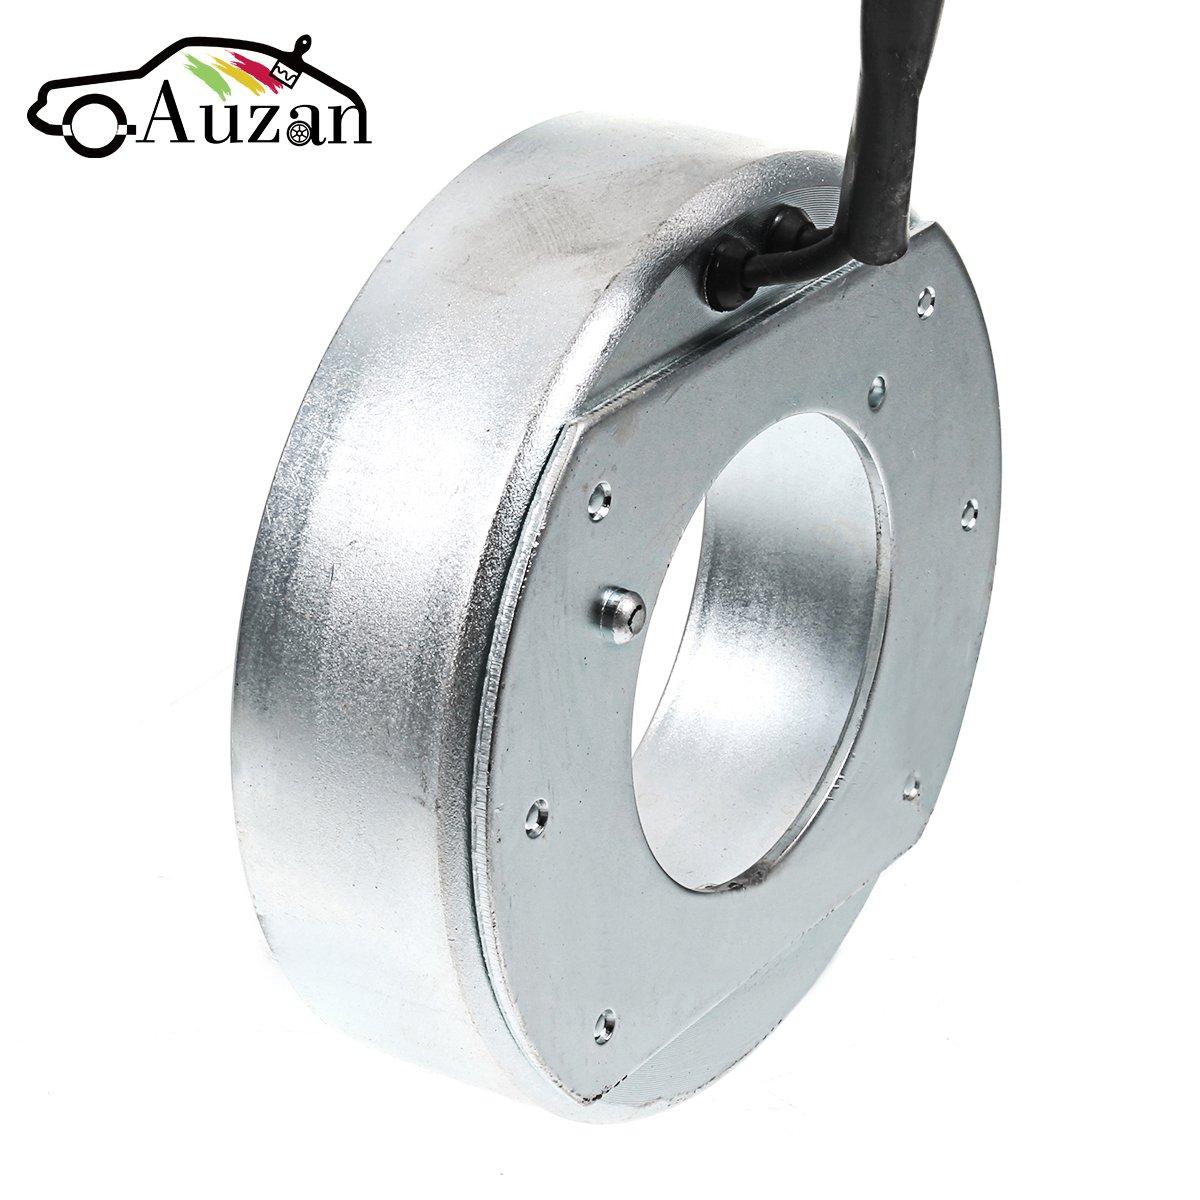 Auto AC Compressor Magnetic Clutch Coil for CVC Opel Astra Zafira Meriva /Delphi 12V